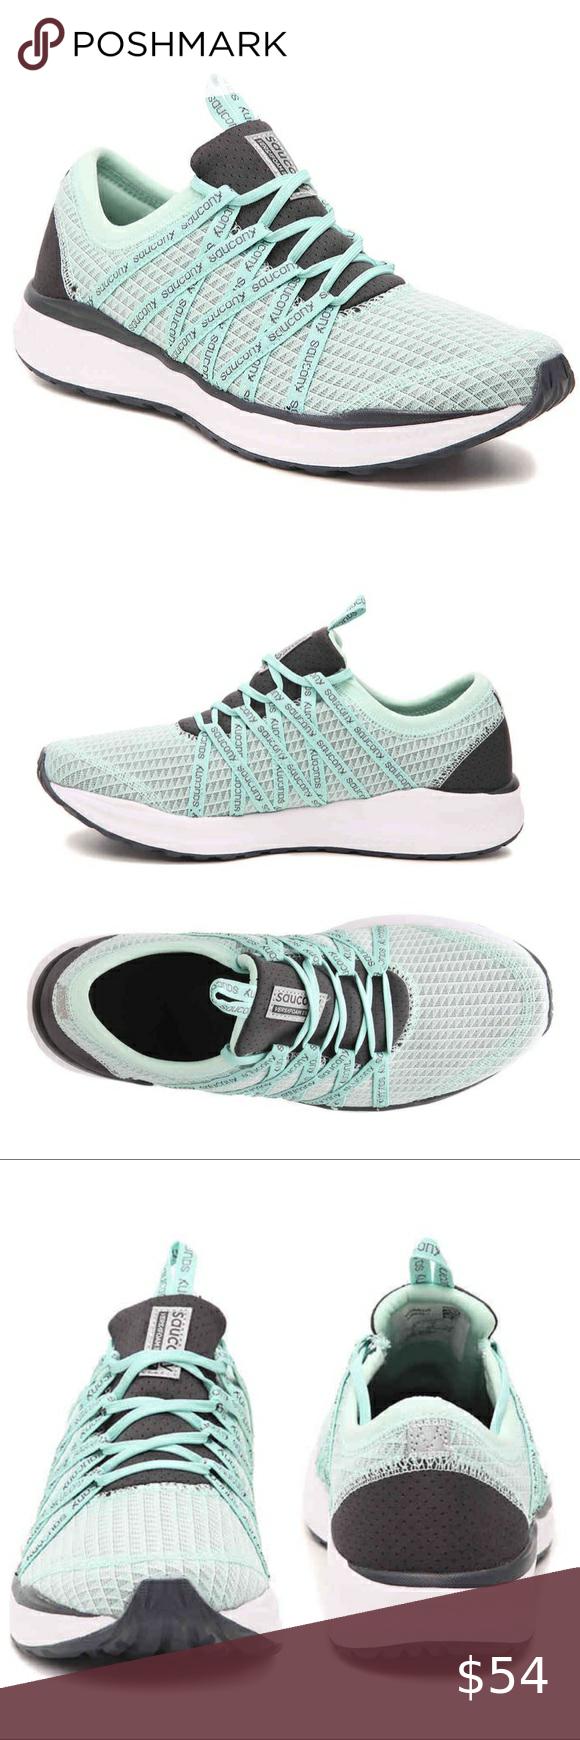 10 Saucony Versafoam Sway Running Shoes